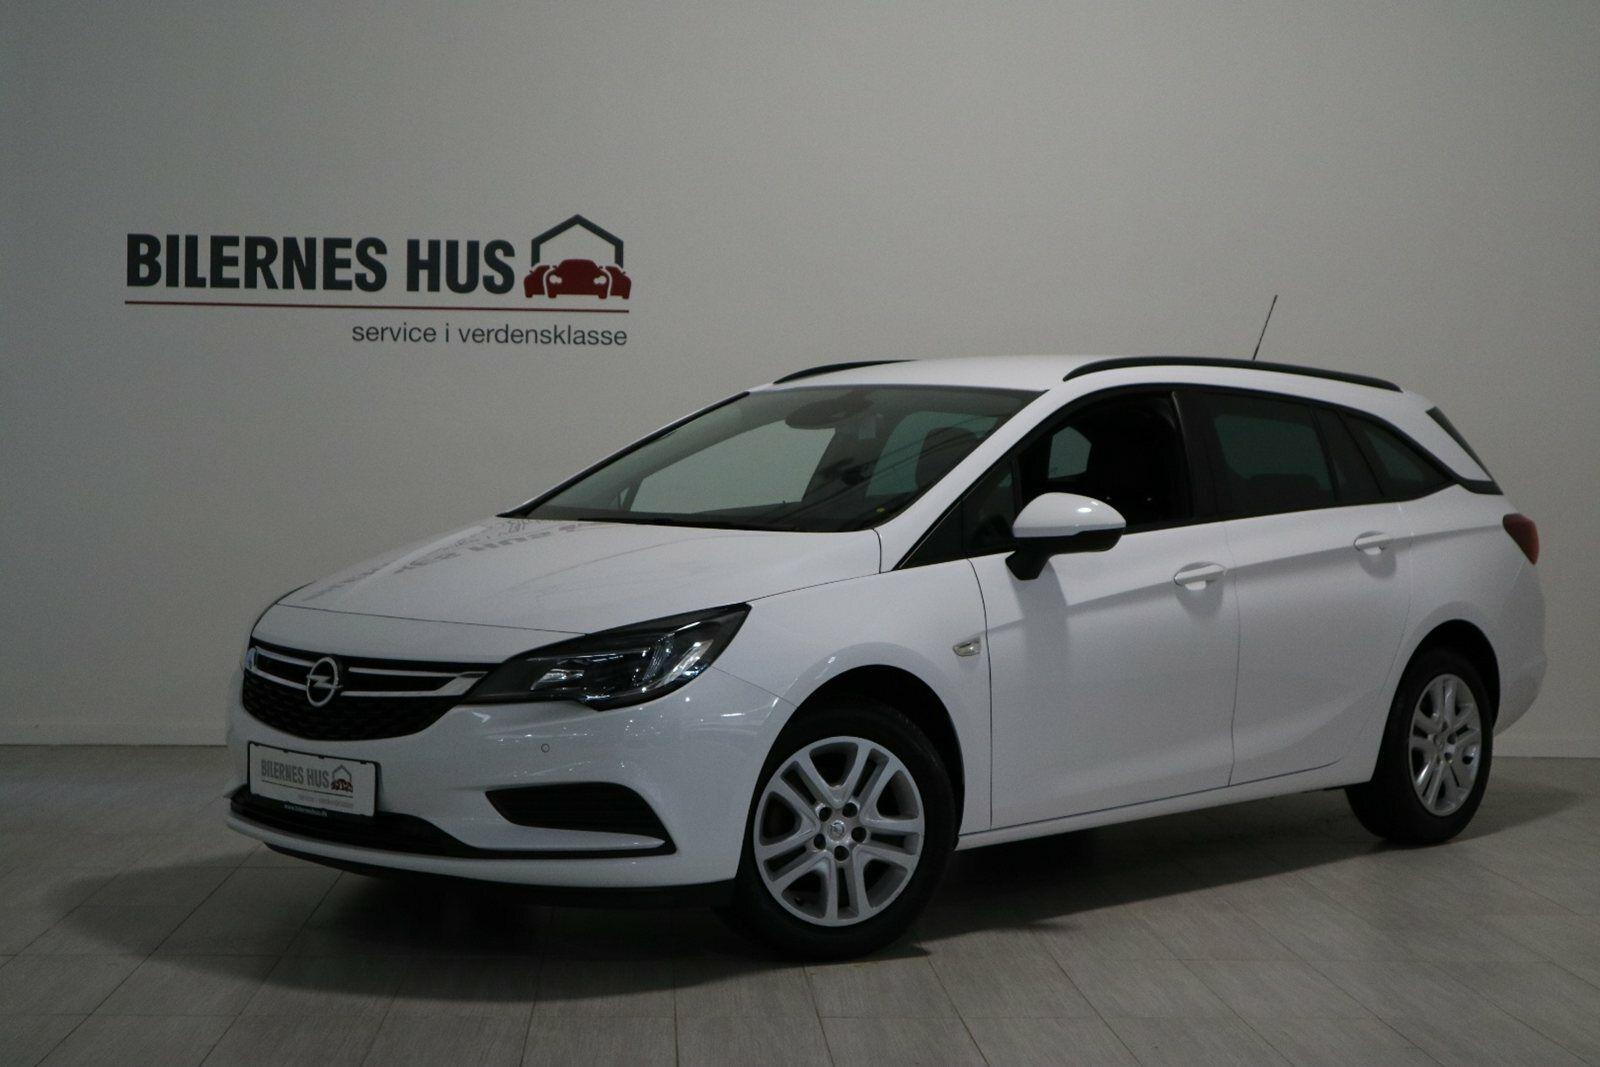 Opel Astra Billede 1